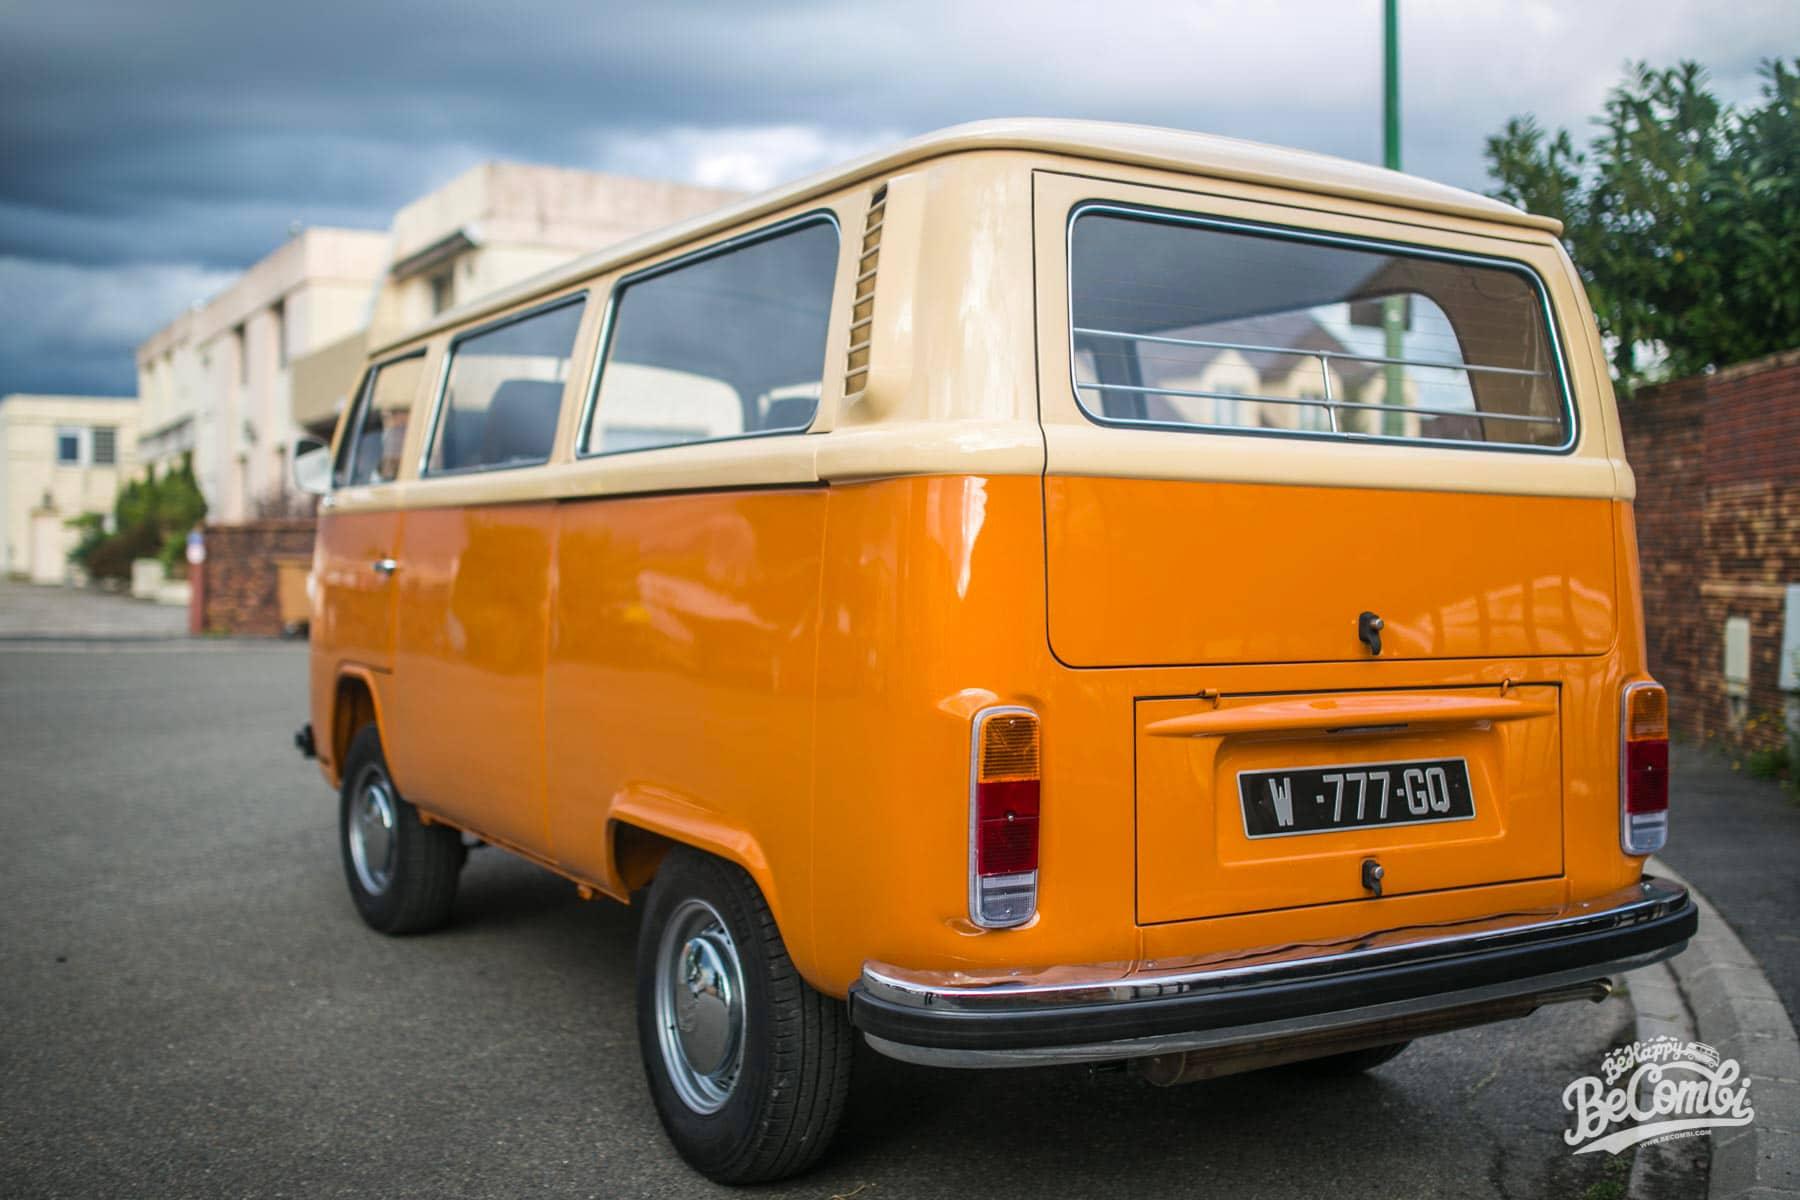 Restauration Volkswagen Combi Baudouin | BeCombi